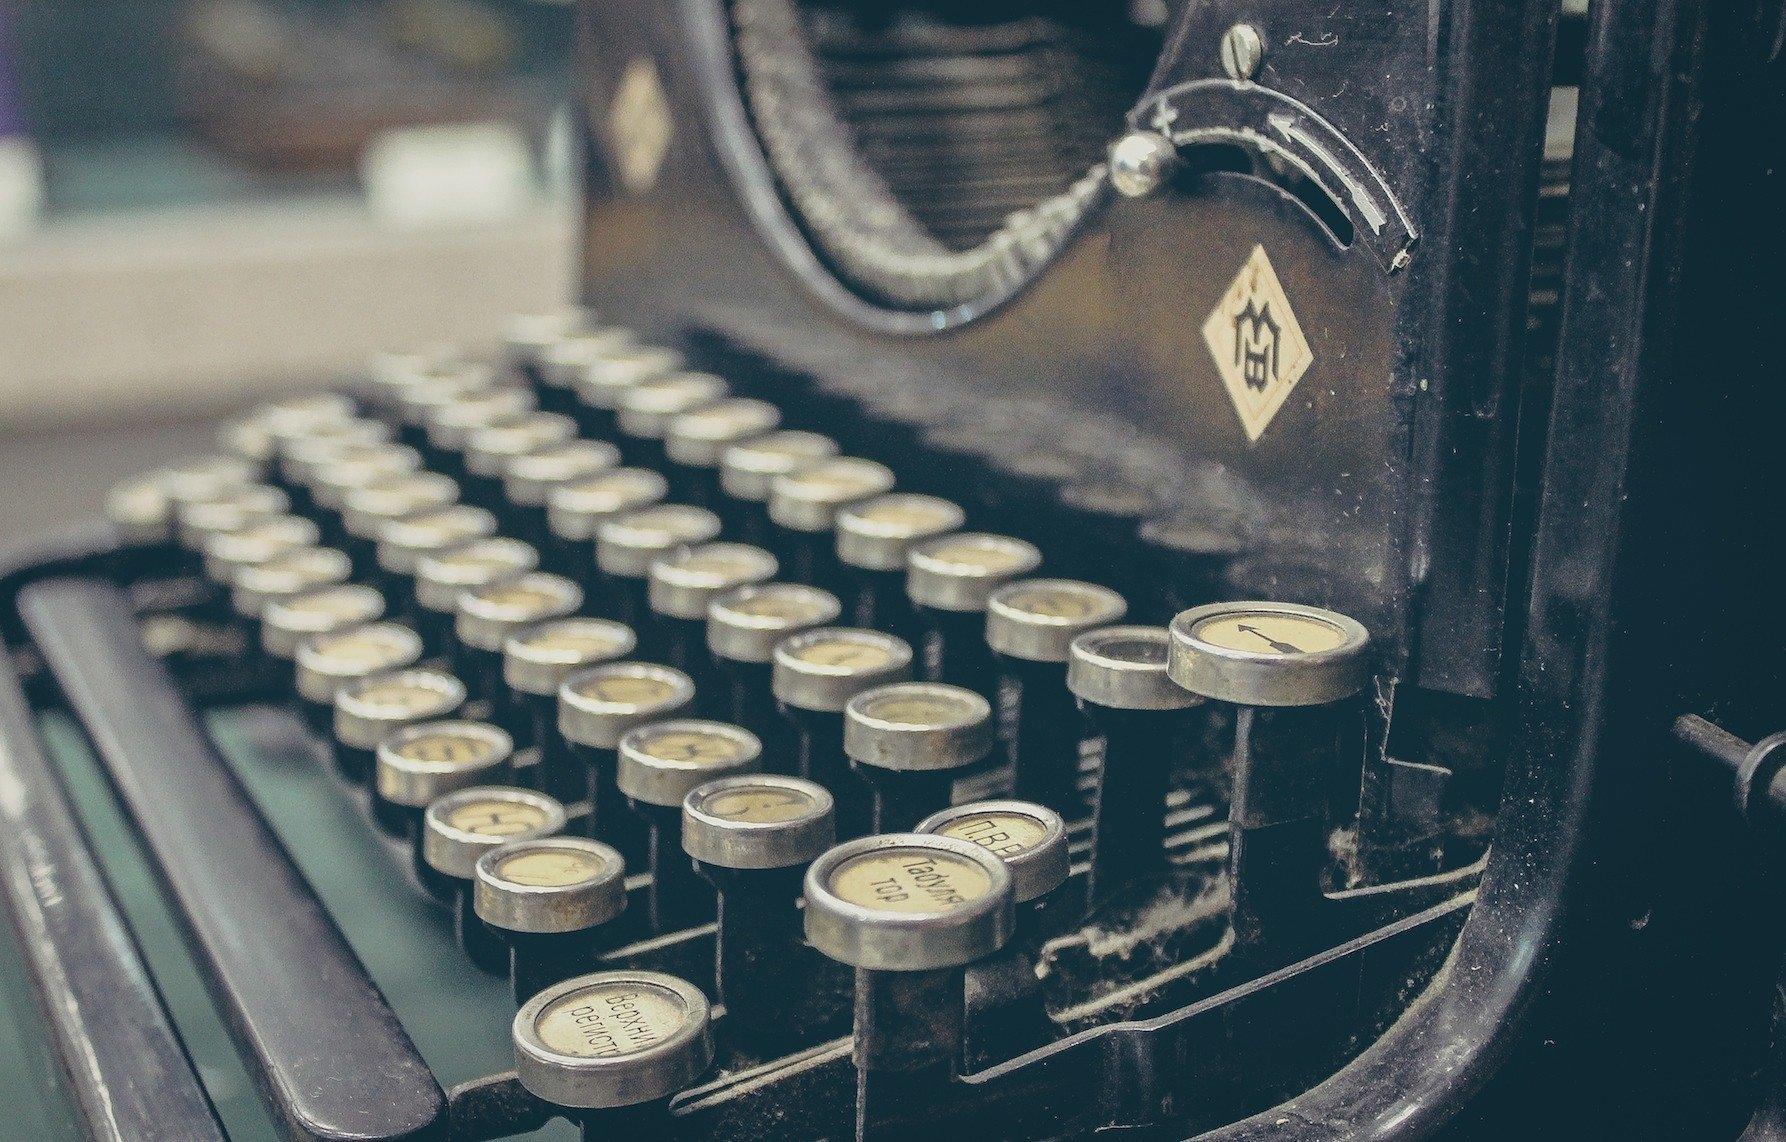 typewriter_upclose copy